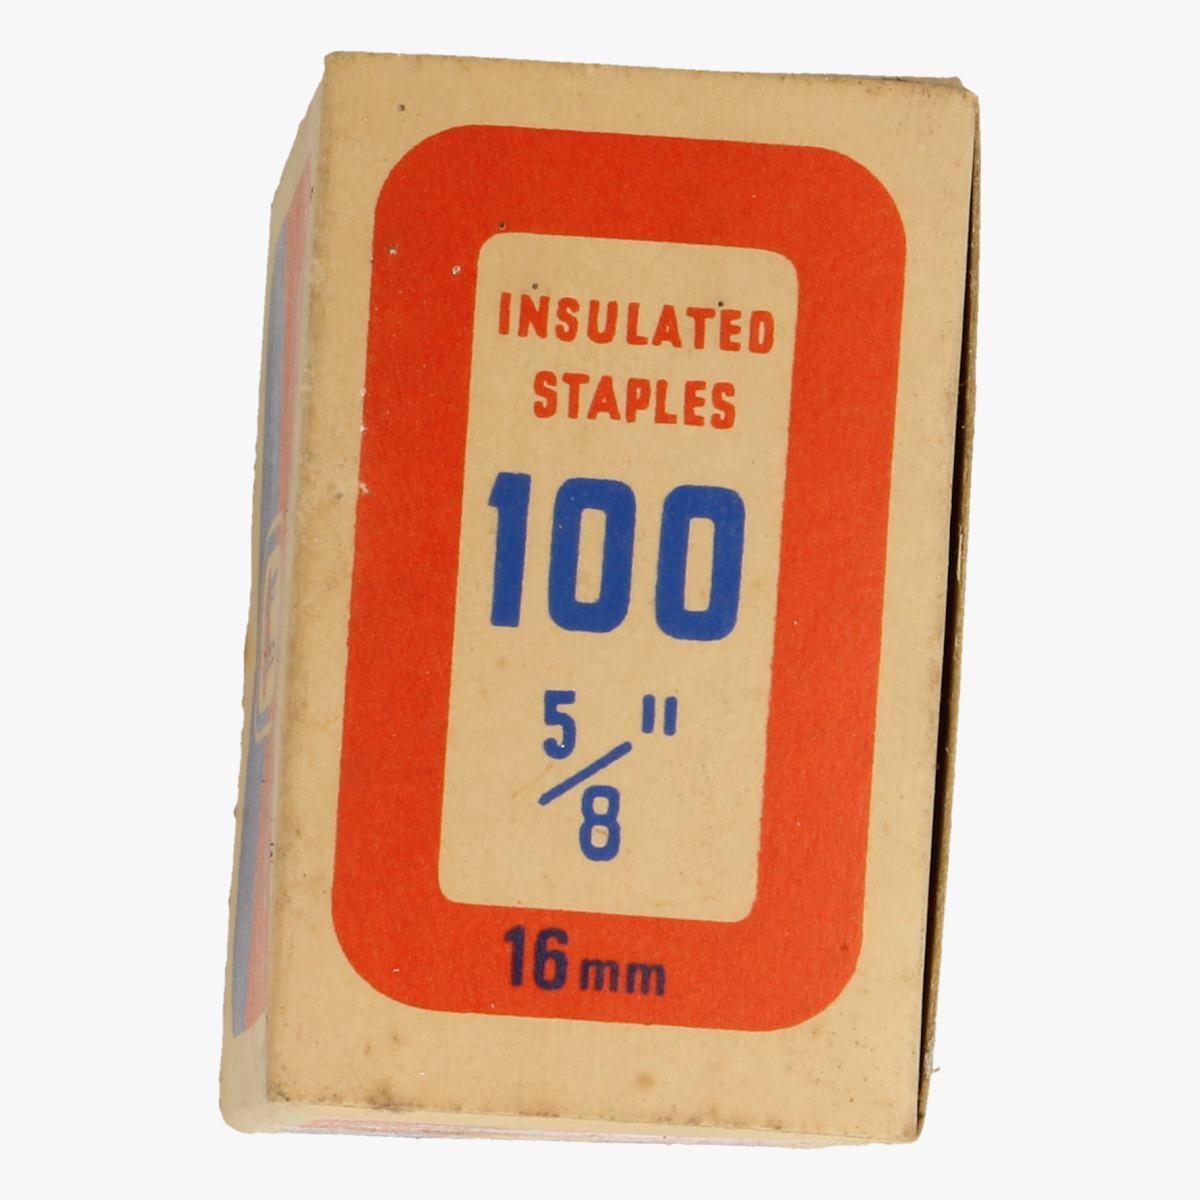 Afbeeldingen van doosje tower brand insulated staples made in england 16mm